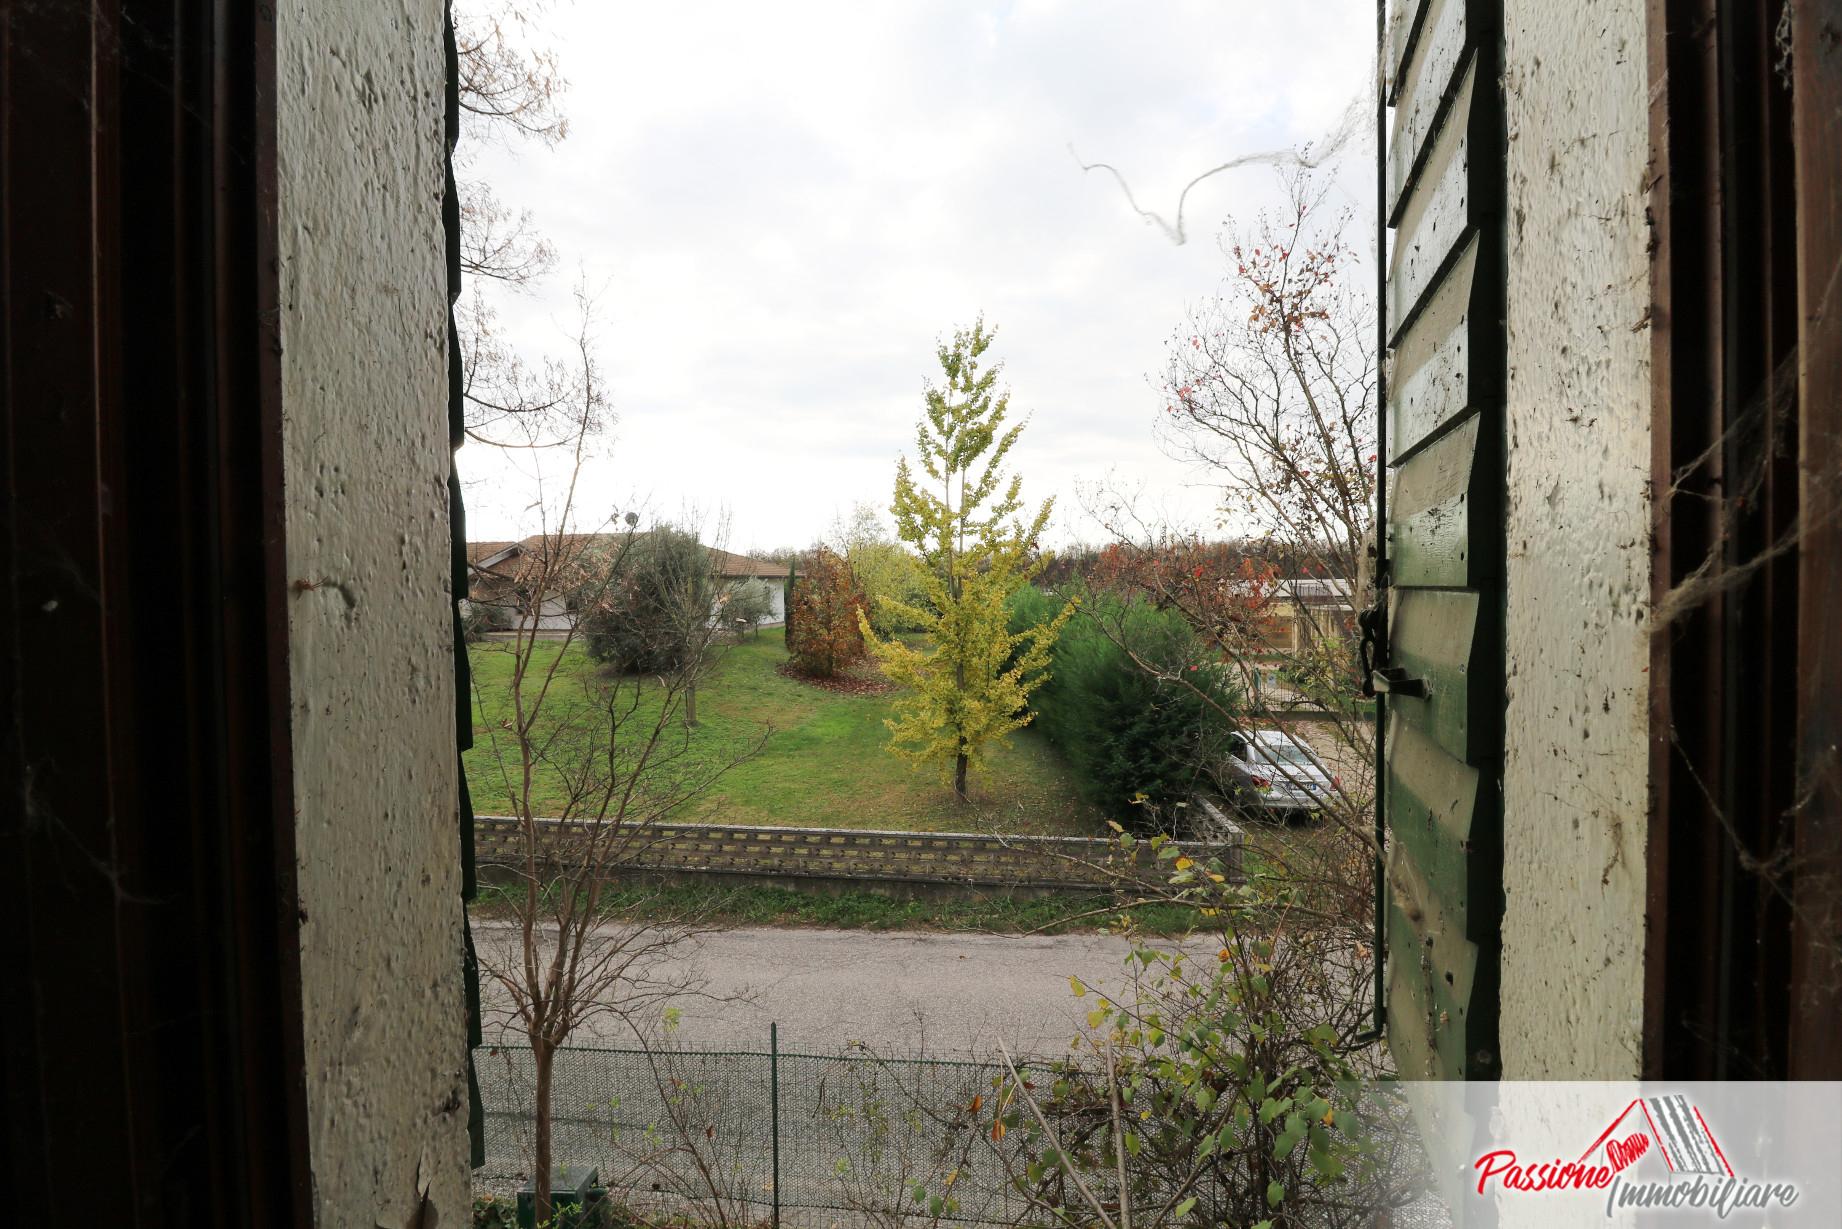 Casa singola in vendita a Chievo – Passione Immobiliare Verona